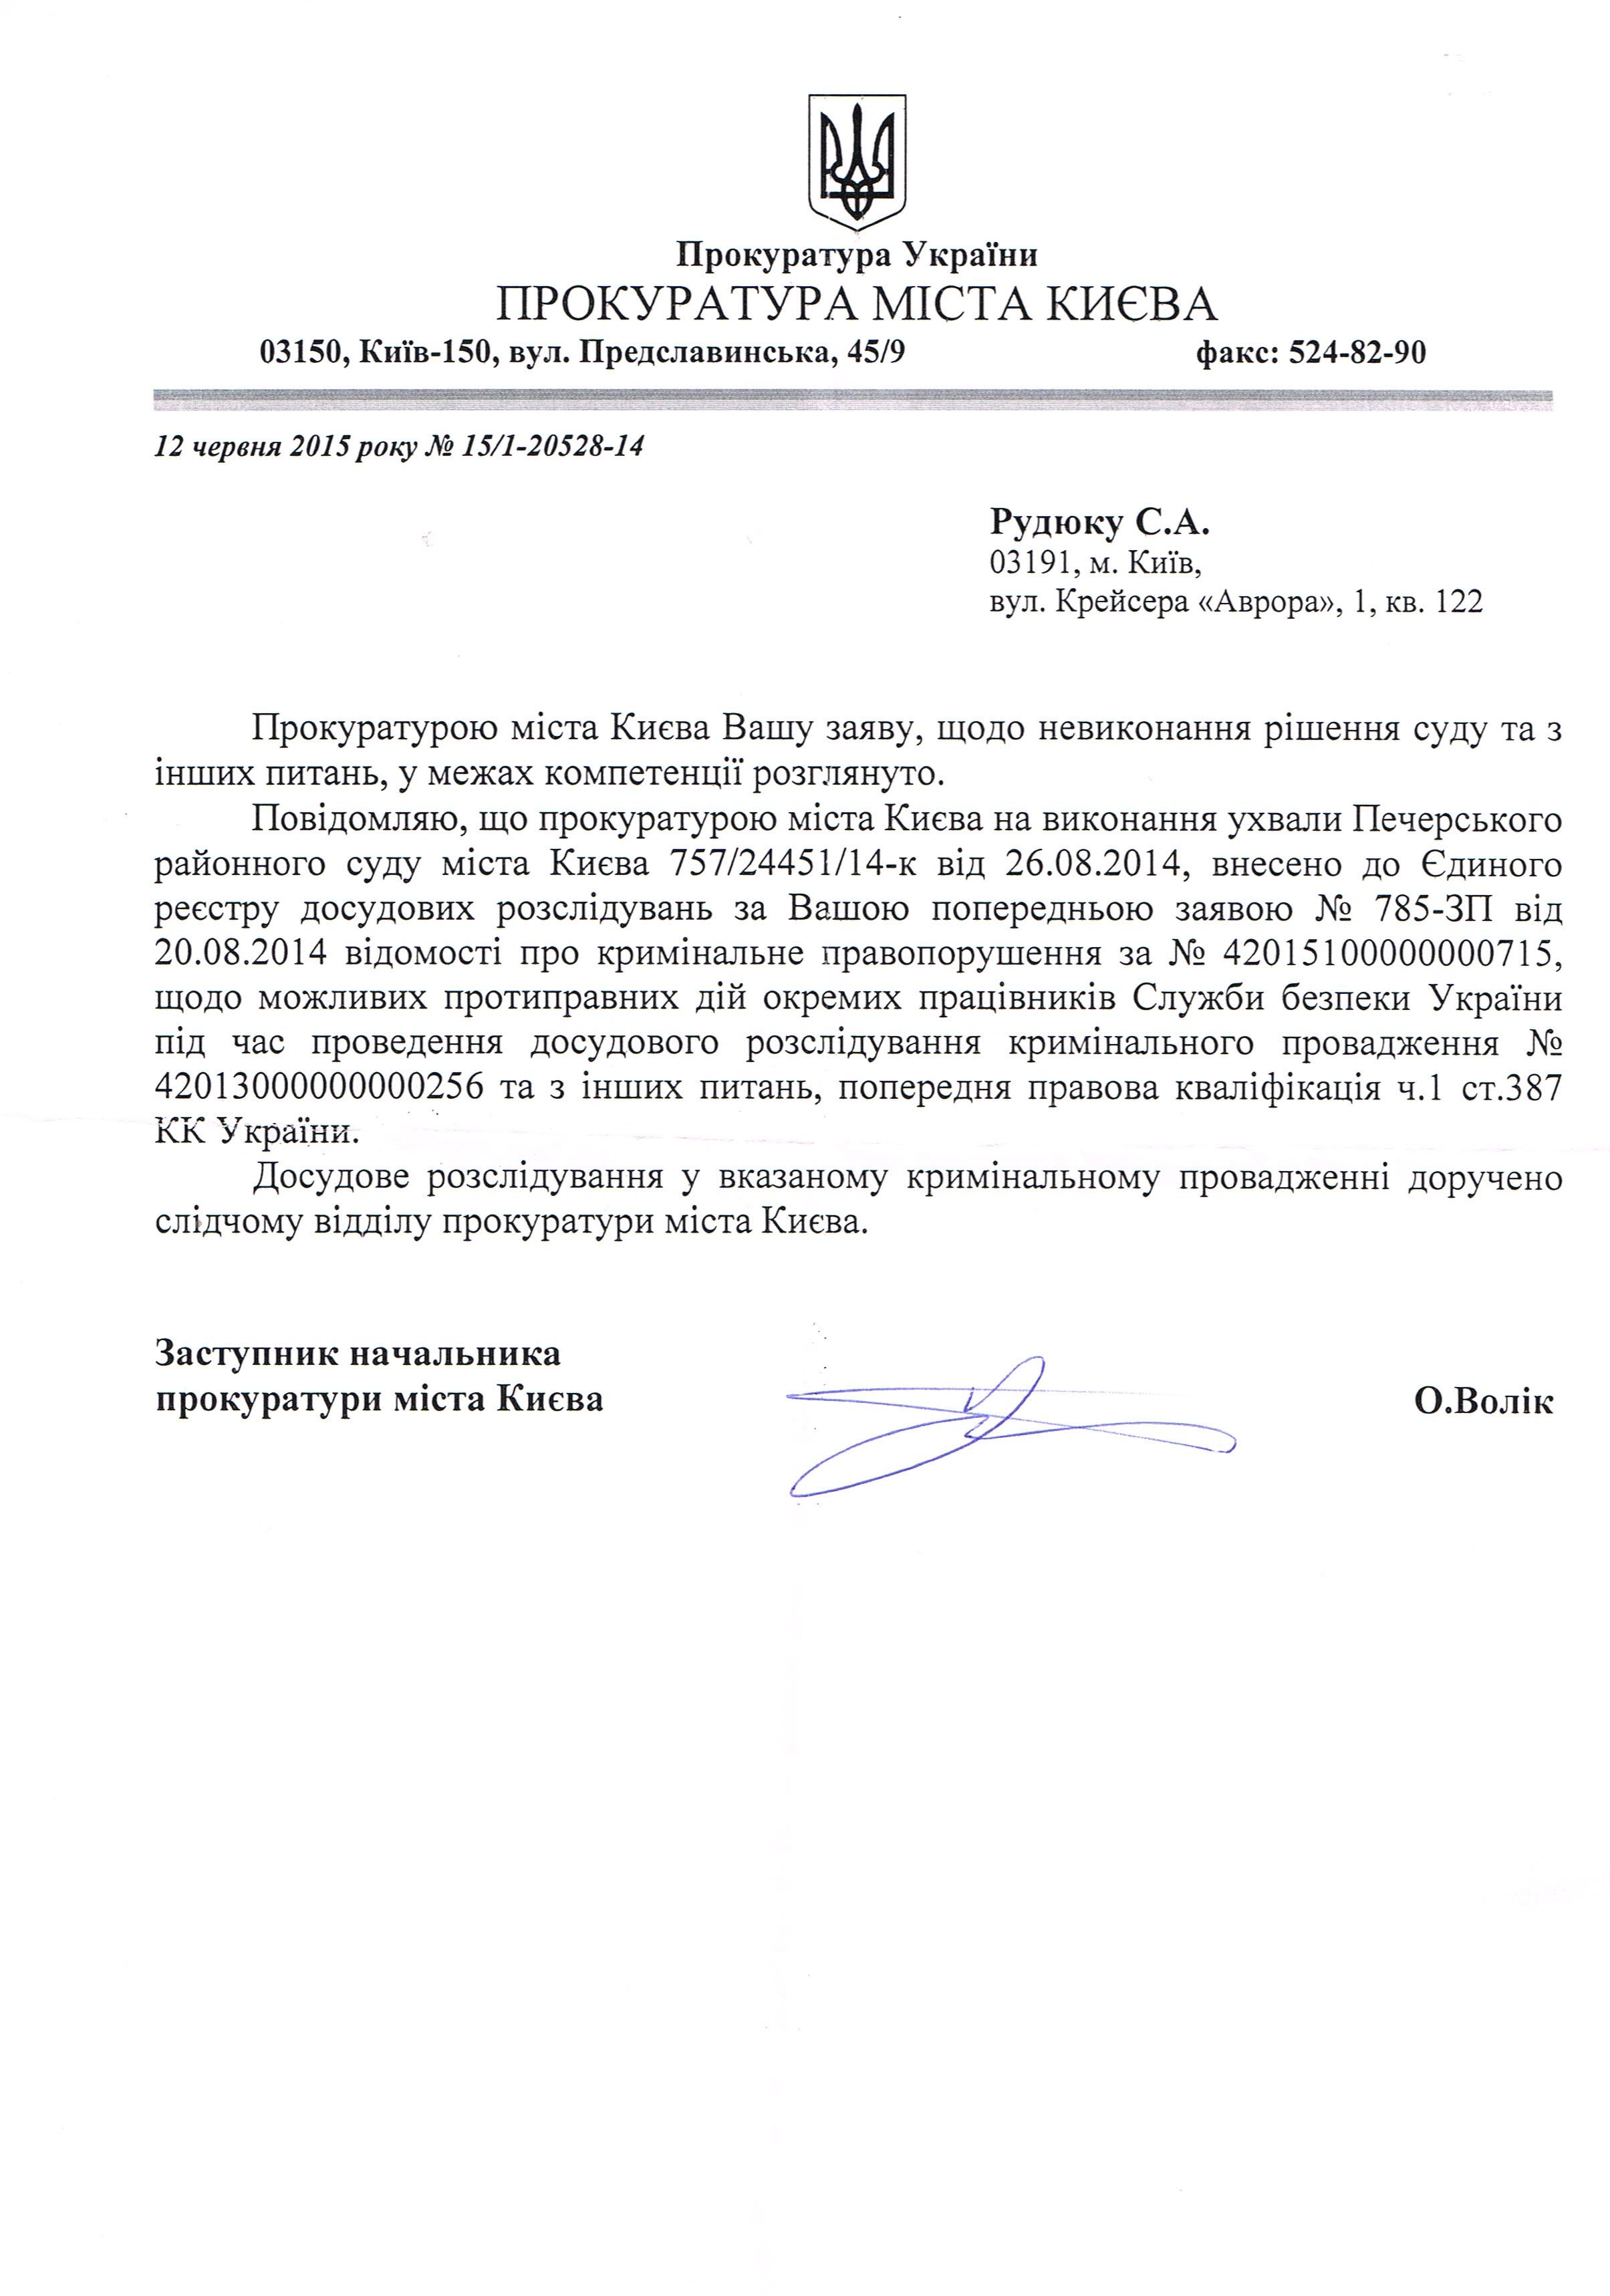 Кримінальна справа Трембач А.О